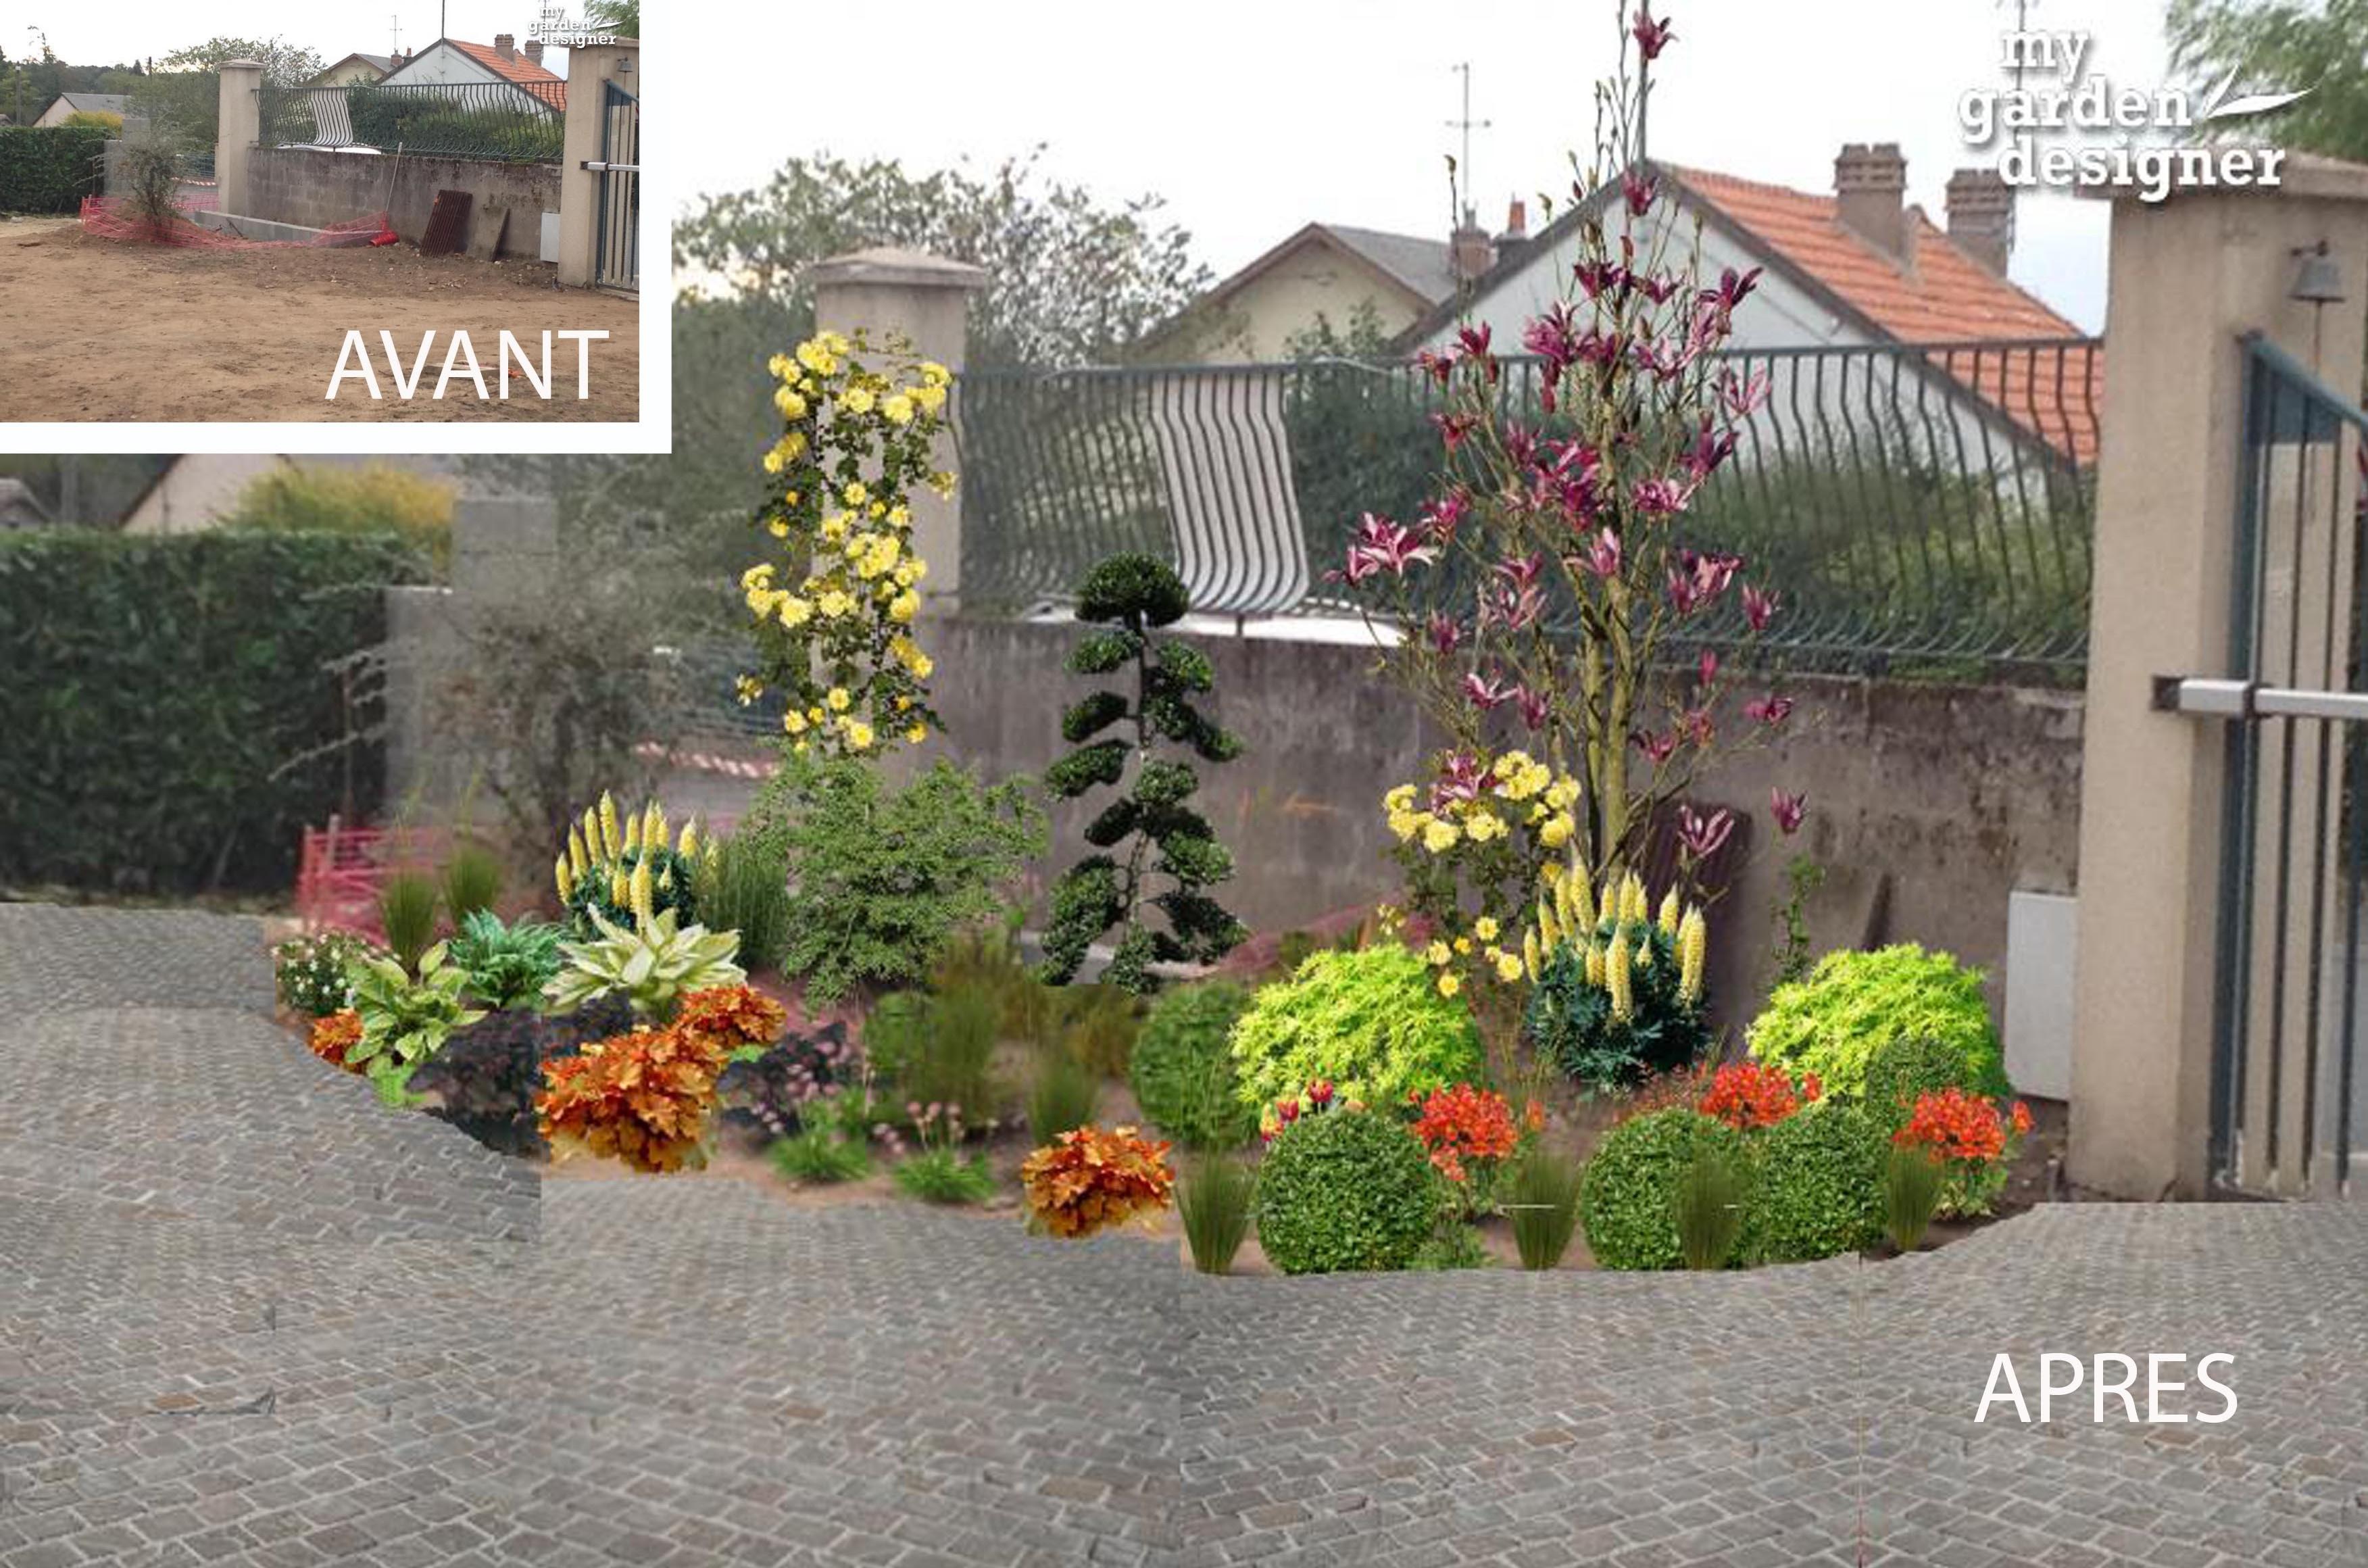 Am nagement de l entr e d un jardin classique monjardin for Amenagement jardiniere exterieure